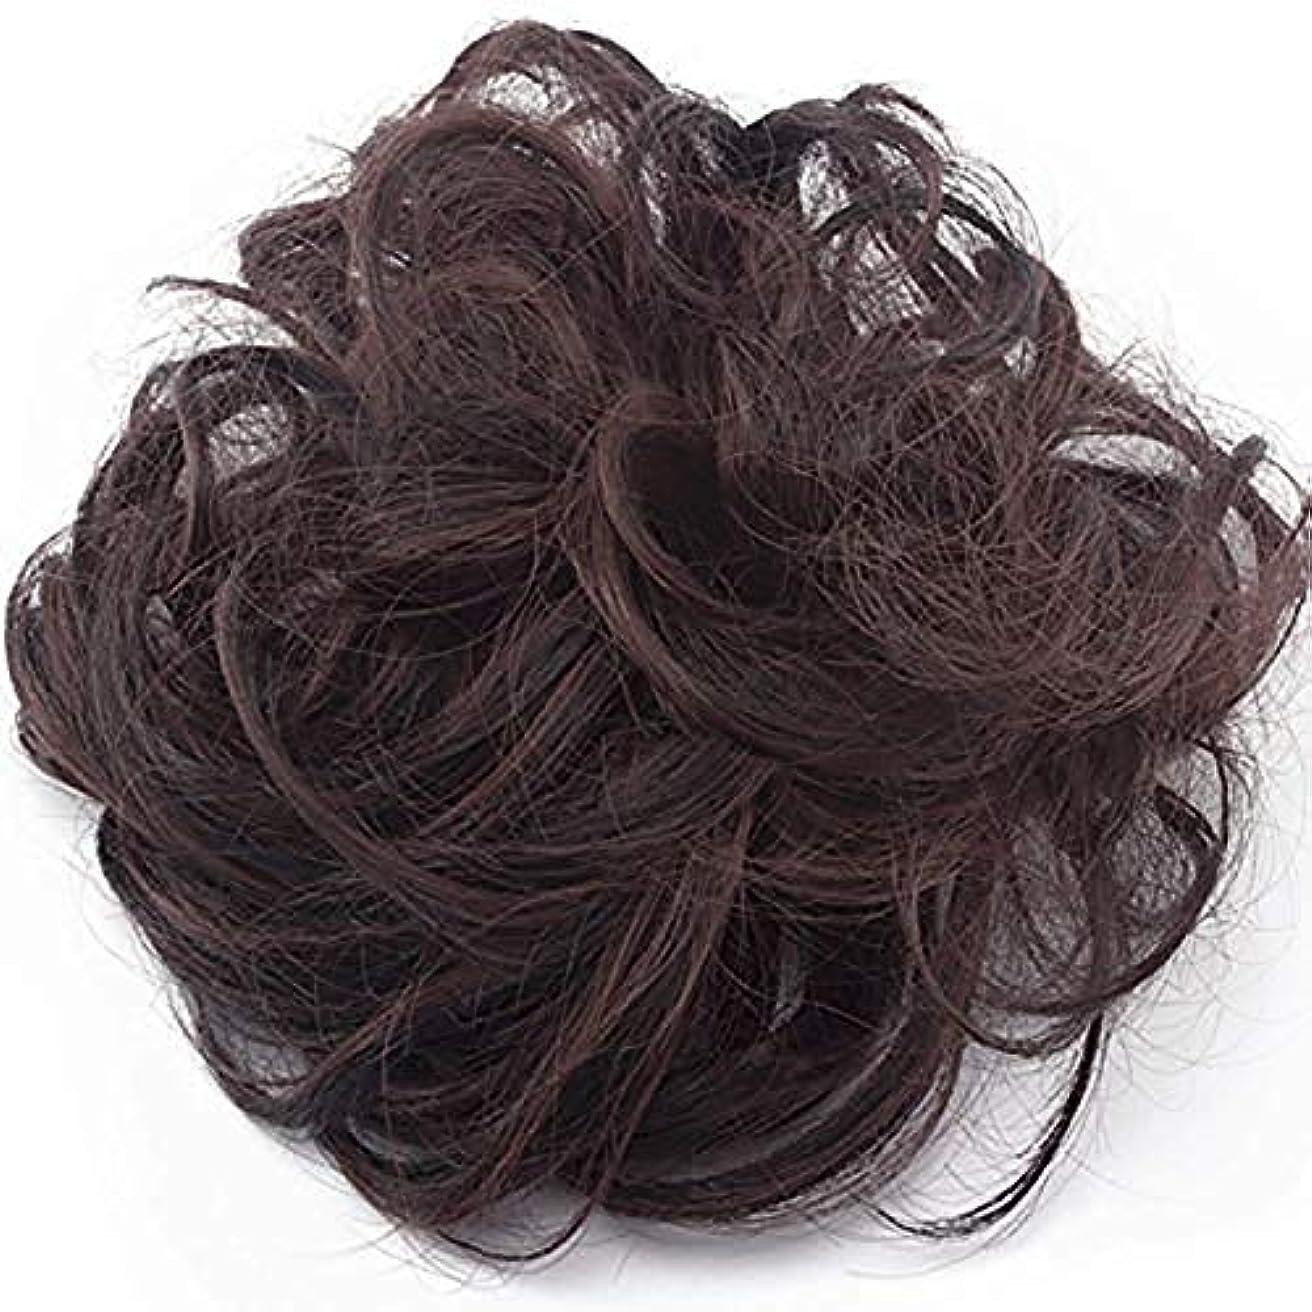 寓話パス項目汚れた女の子の毛波状毛エクステンションヘアバンド饅頭饅頭は(自然な黒と白のミックス、オーバーン)かつらテープ拡張をポニーテール